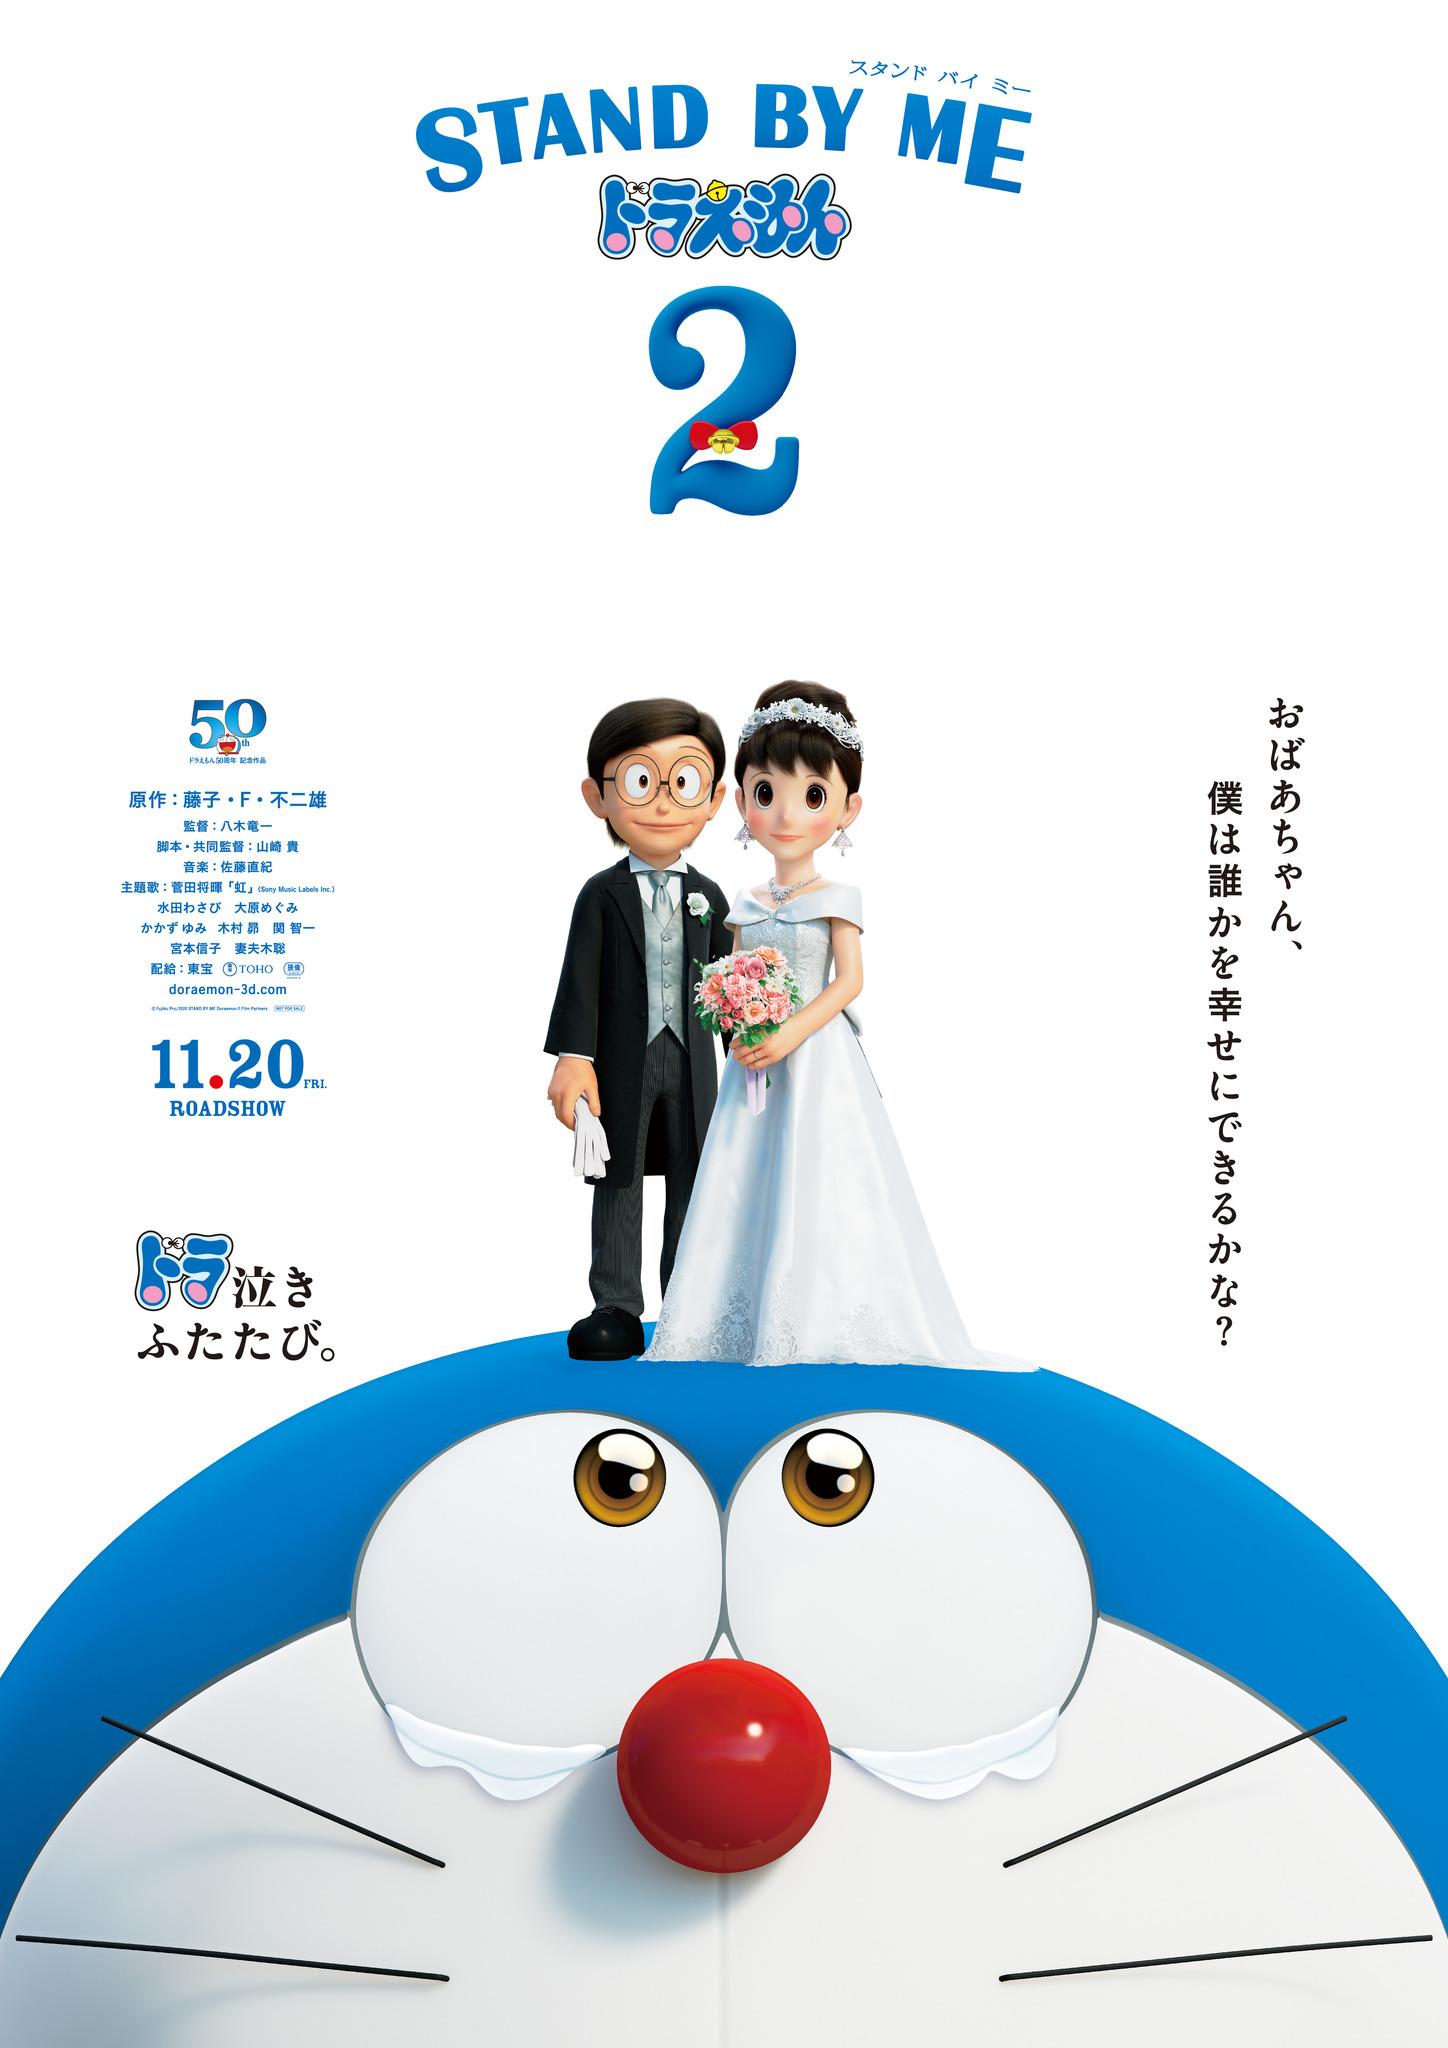 Stand by Me Doraemon 2 | Doraemon Wiki | Fandom